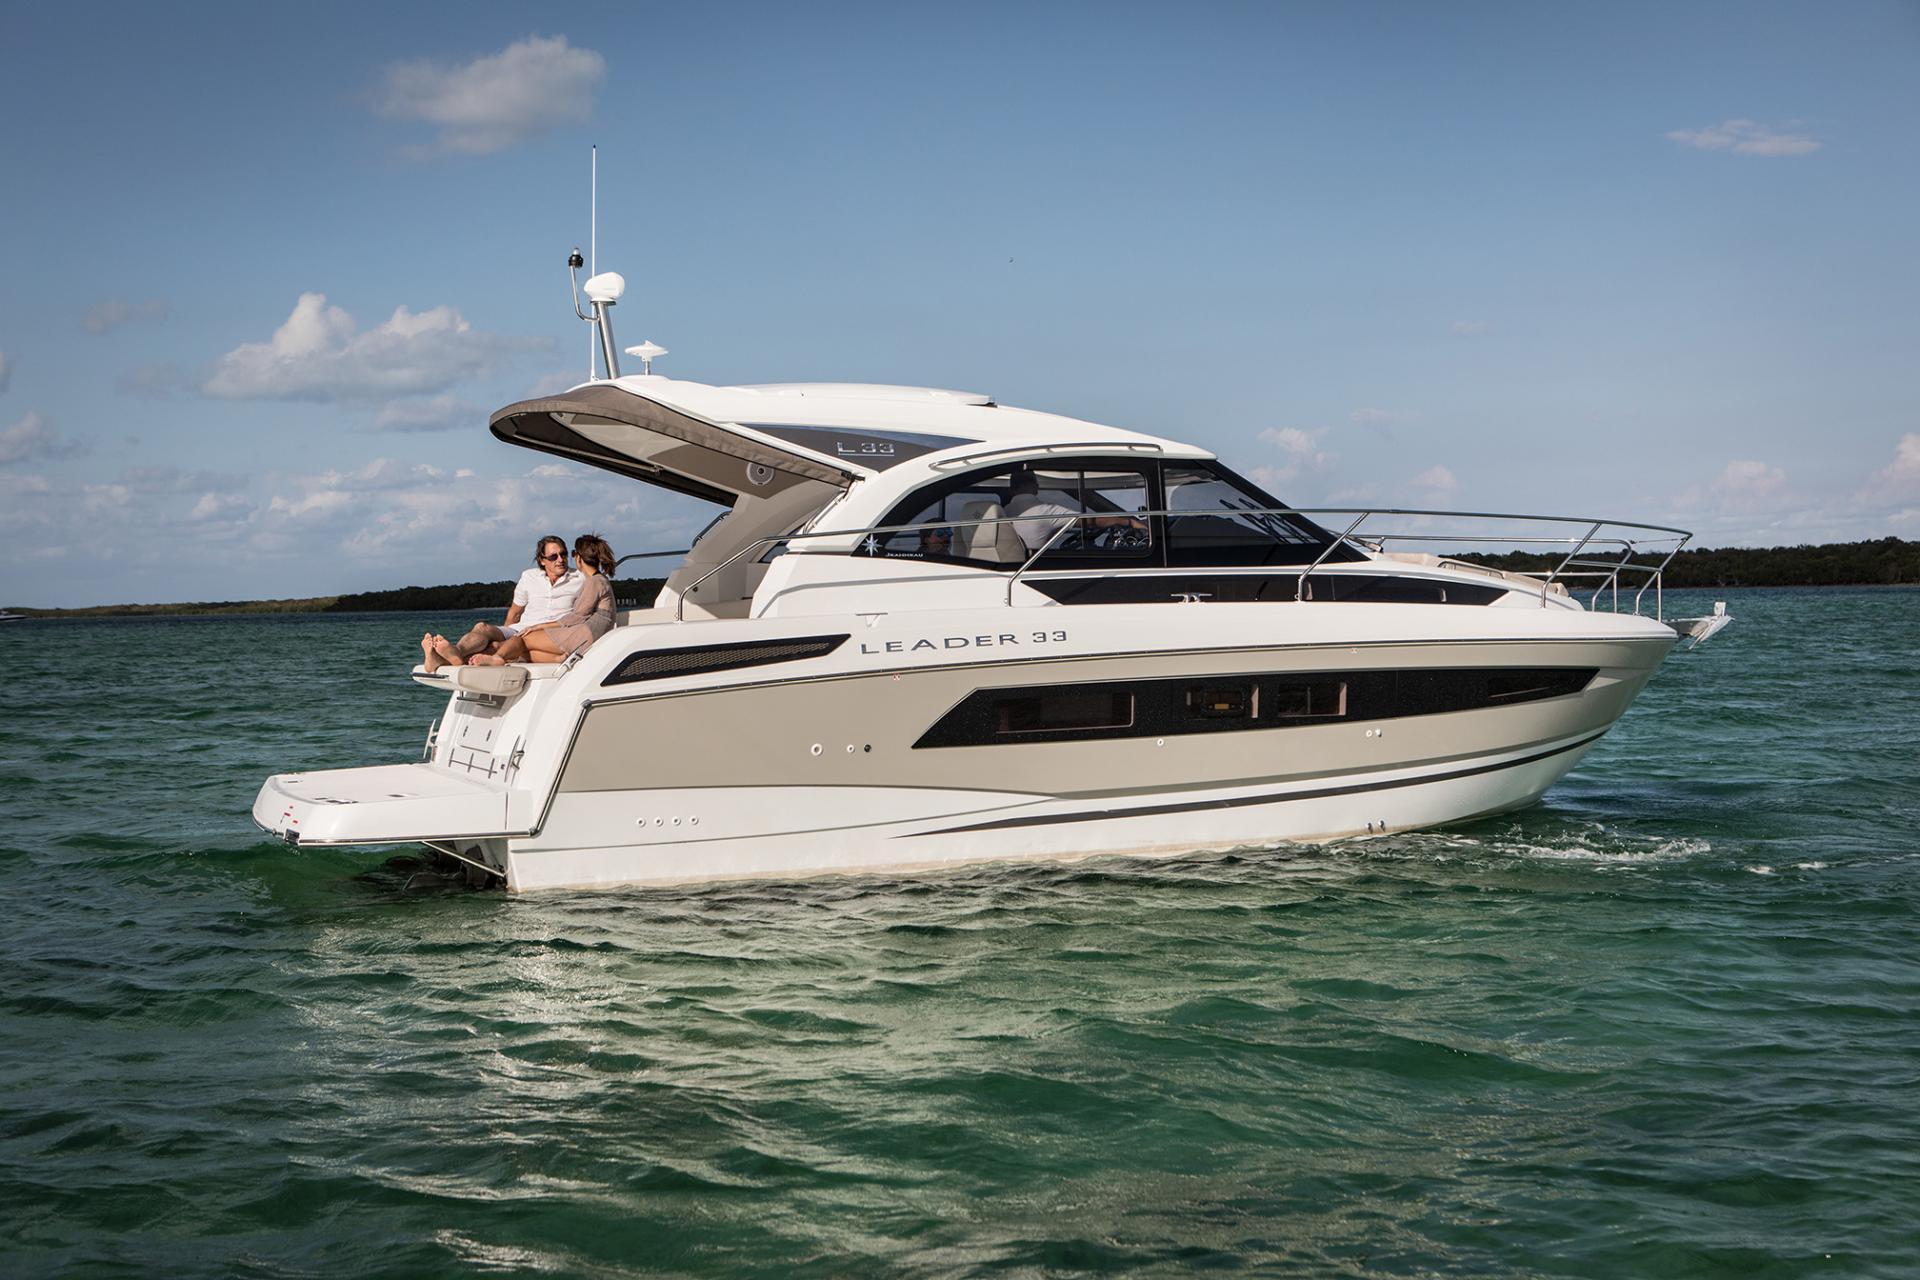 Leader 33 Jeanneau Boats